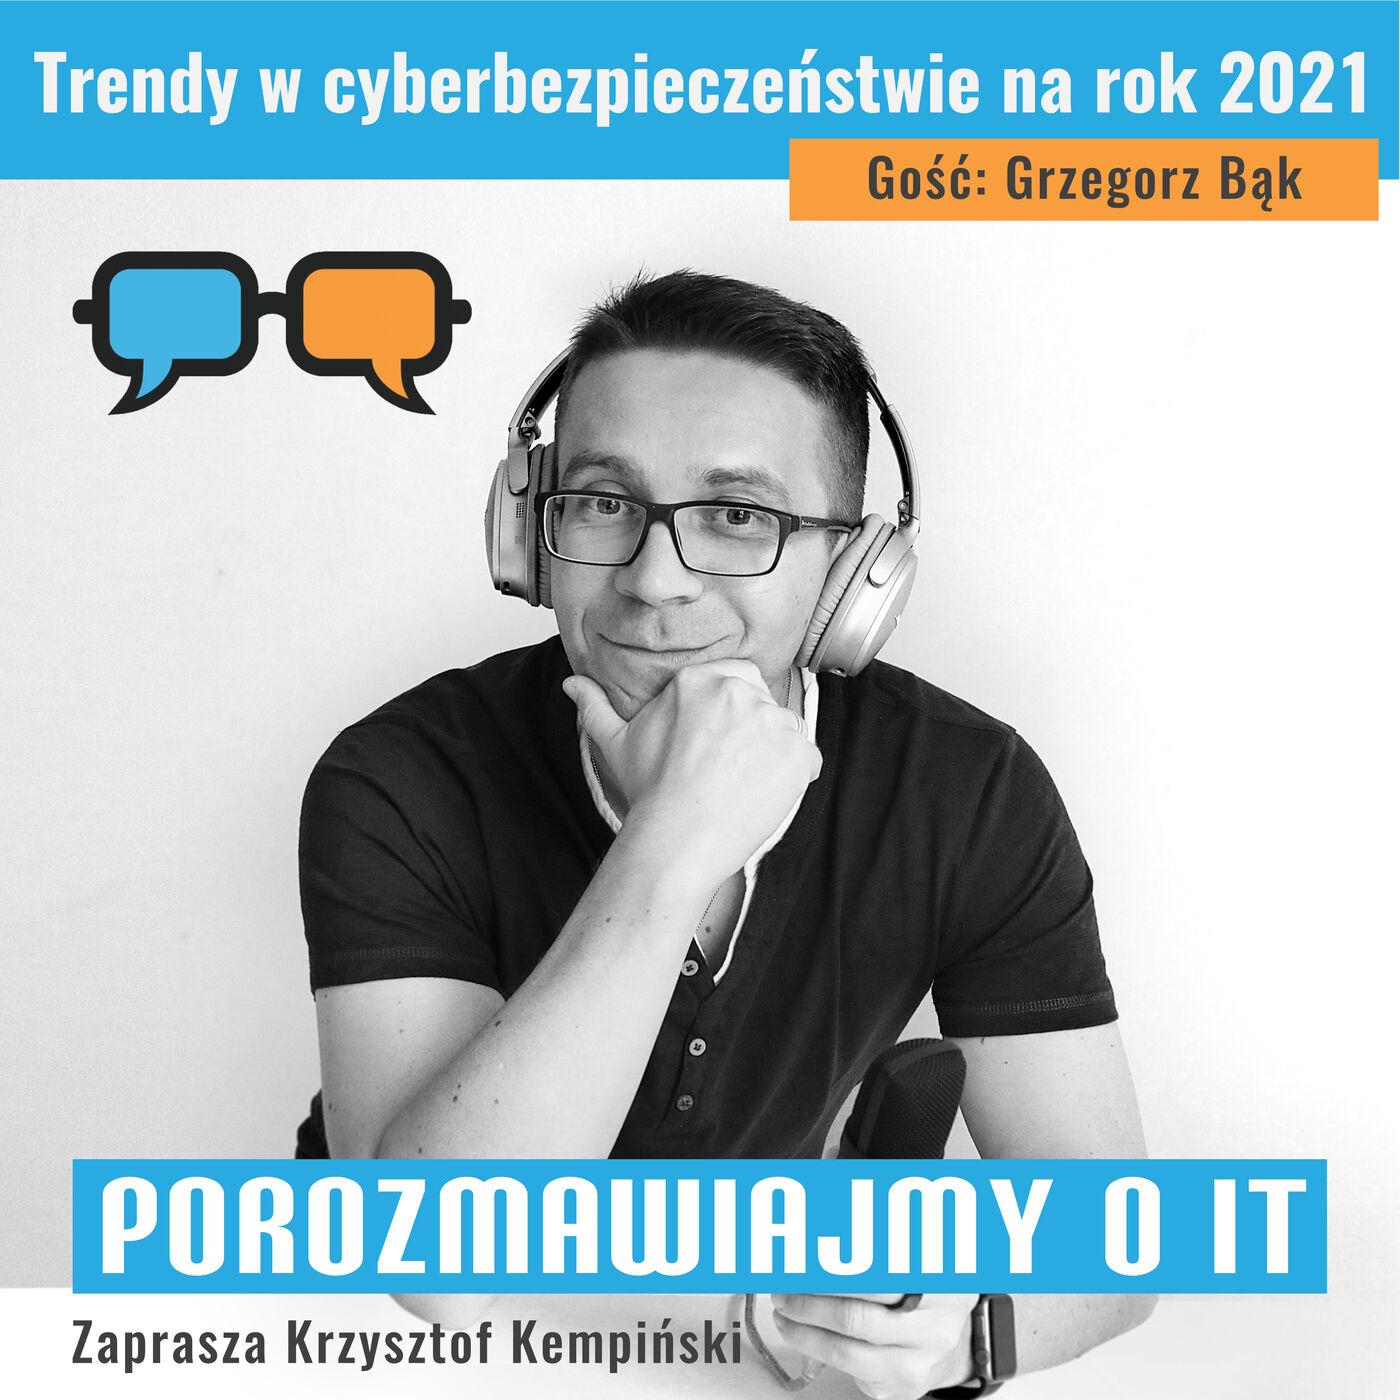 Trendy w cyberbezpieczeństwie na rok 2021. Gość: Grzegorz Bąk - POIT 126